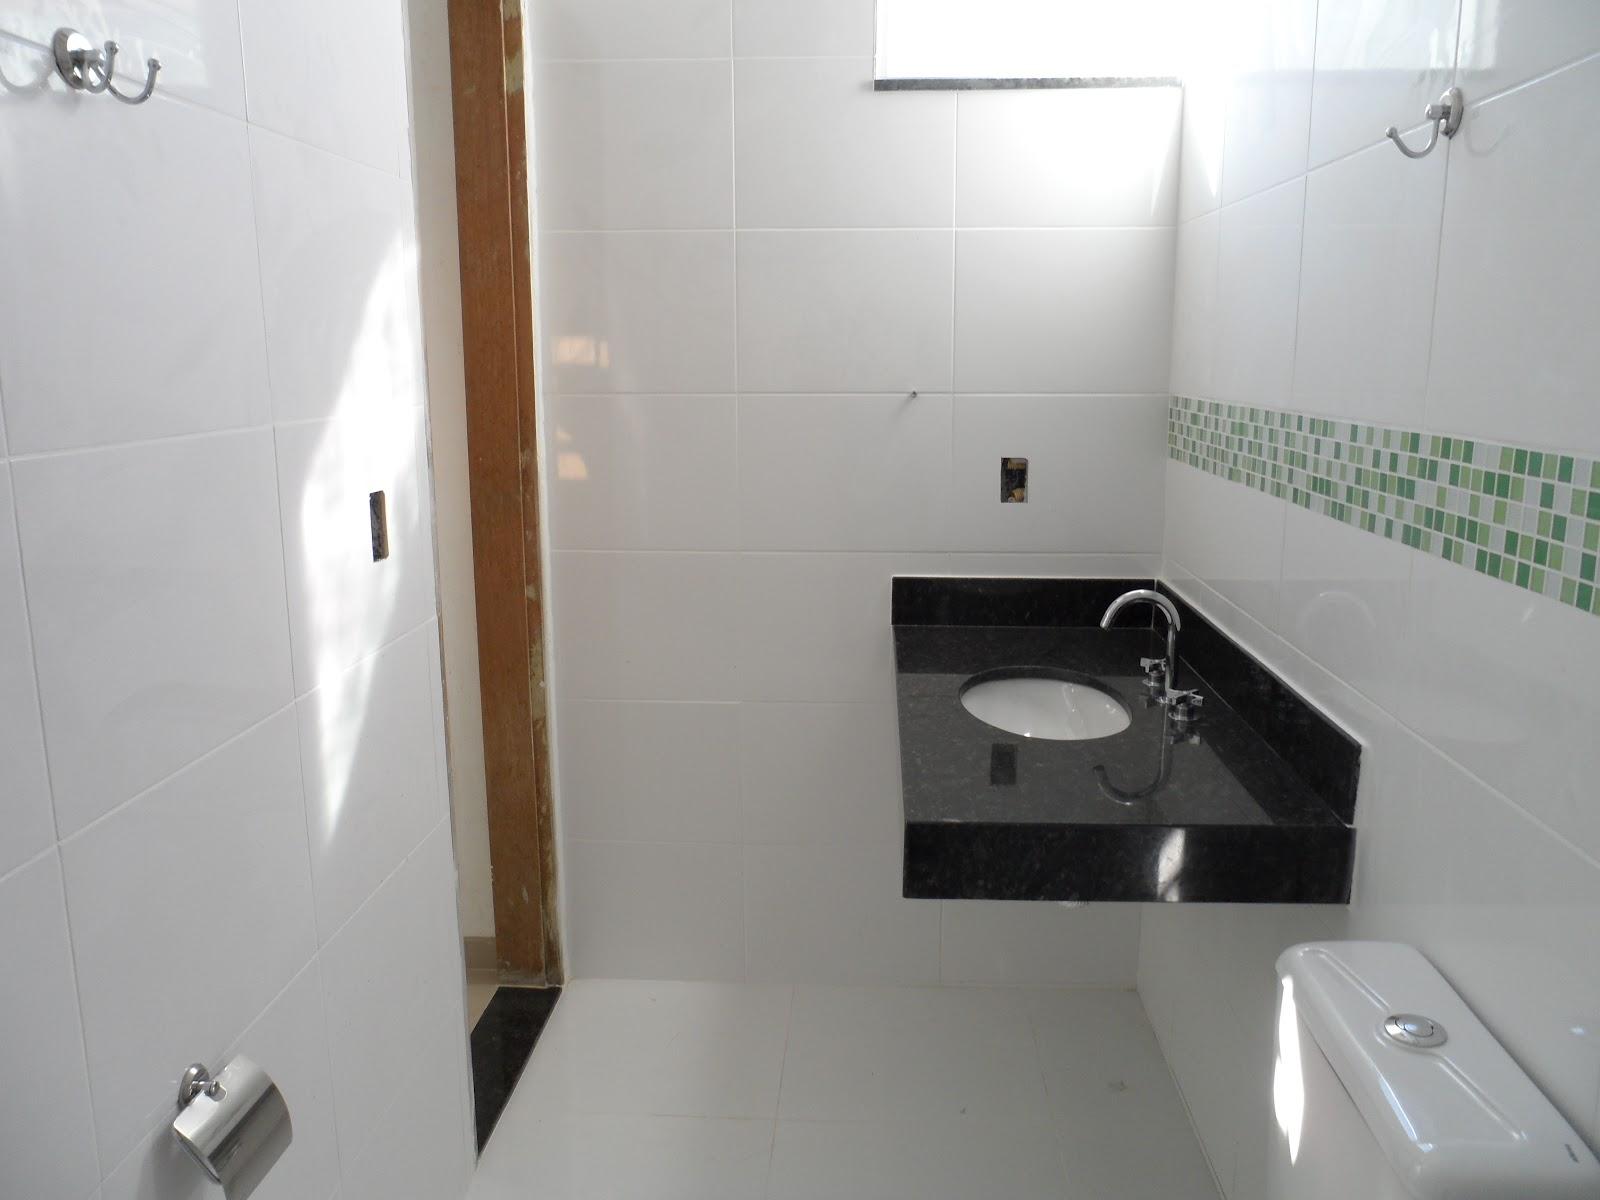 DIÁRIO DE CONSTRUÇÃO DE UMA CASA PEQUENA: REVISÃO DA SEMANA  #694529 1600x1200 Bancada De Banheiro Em Granito